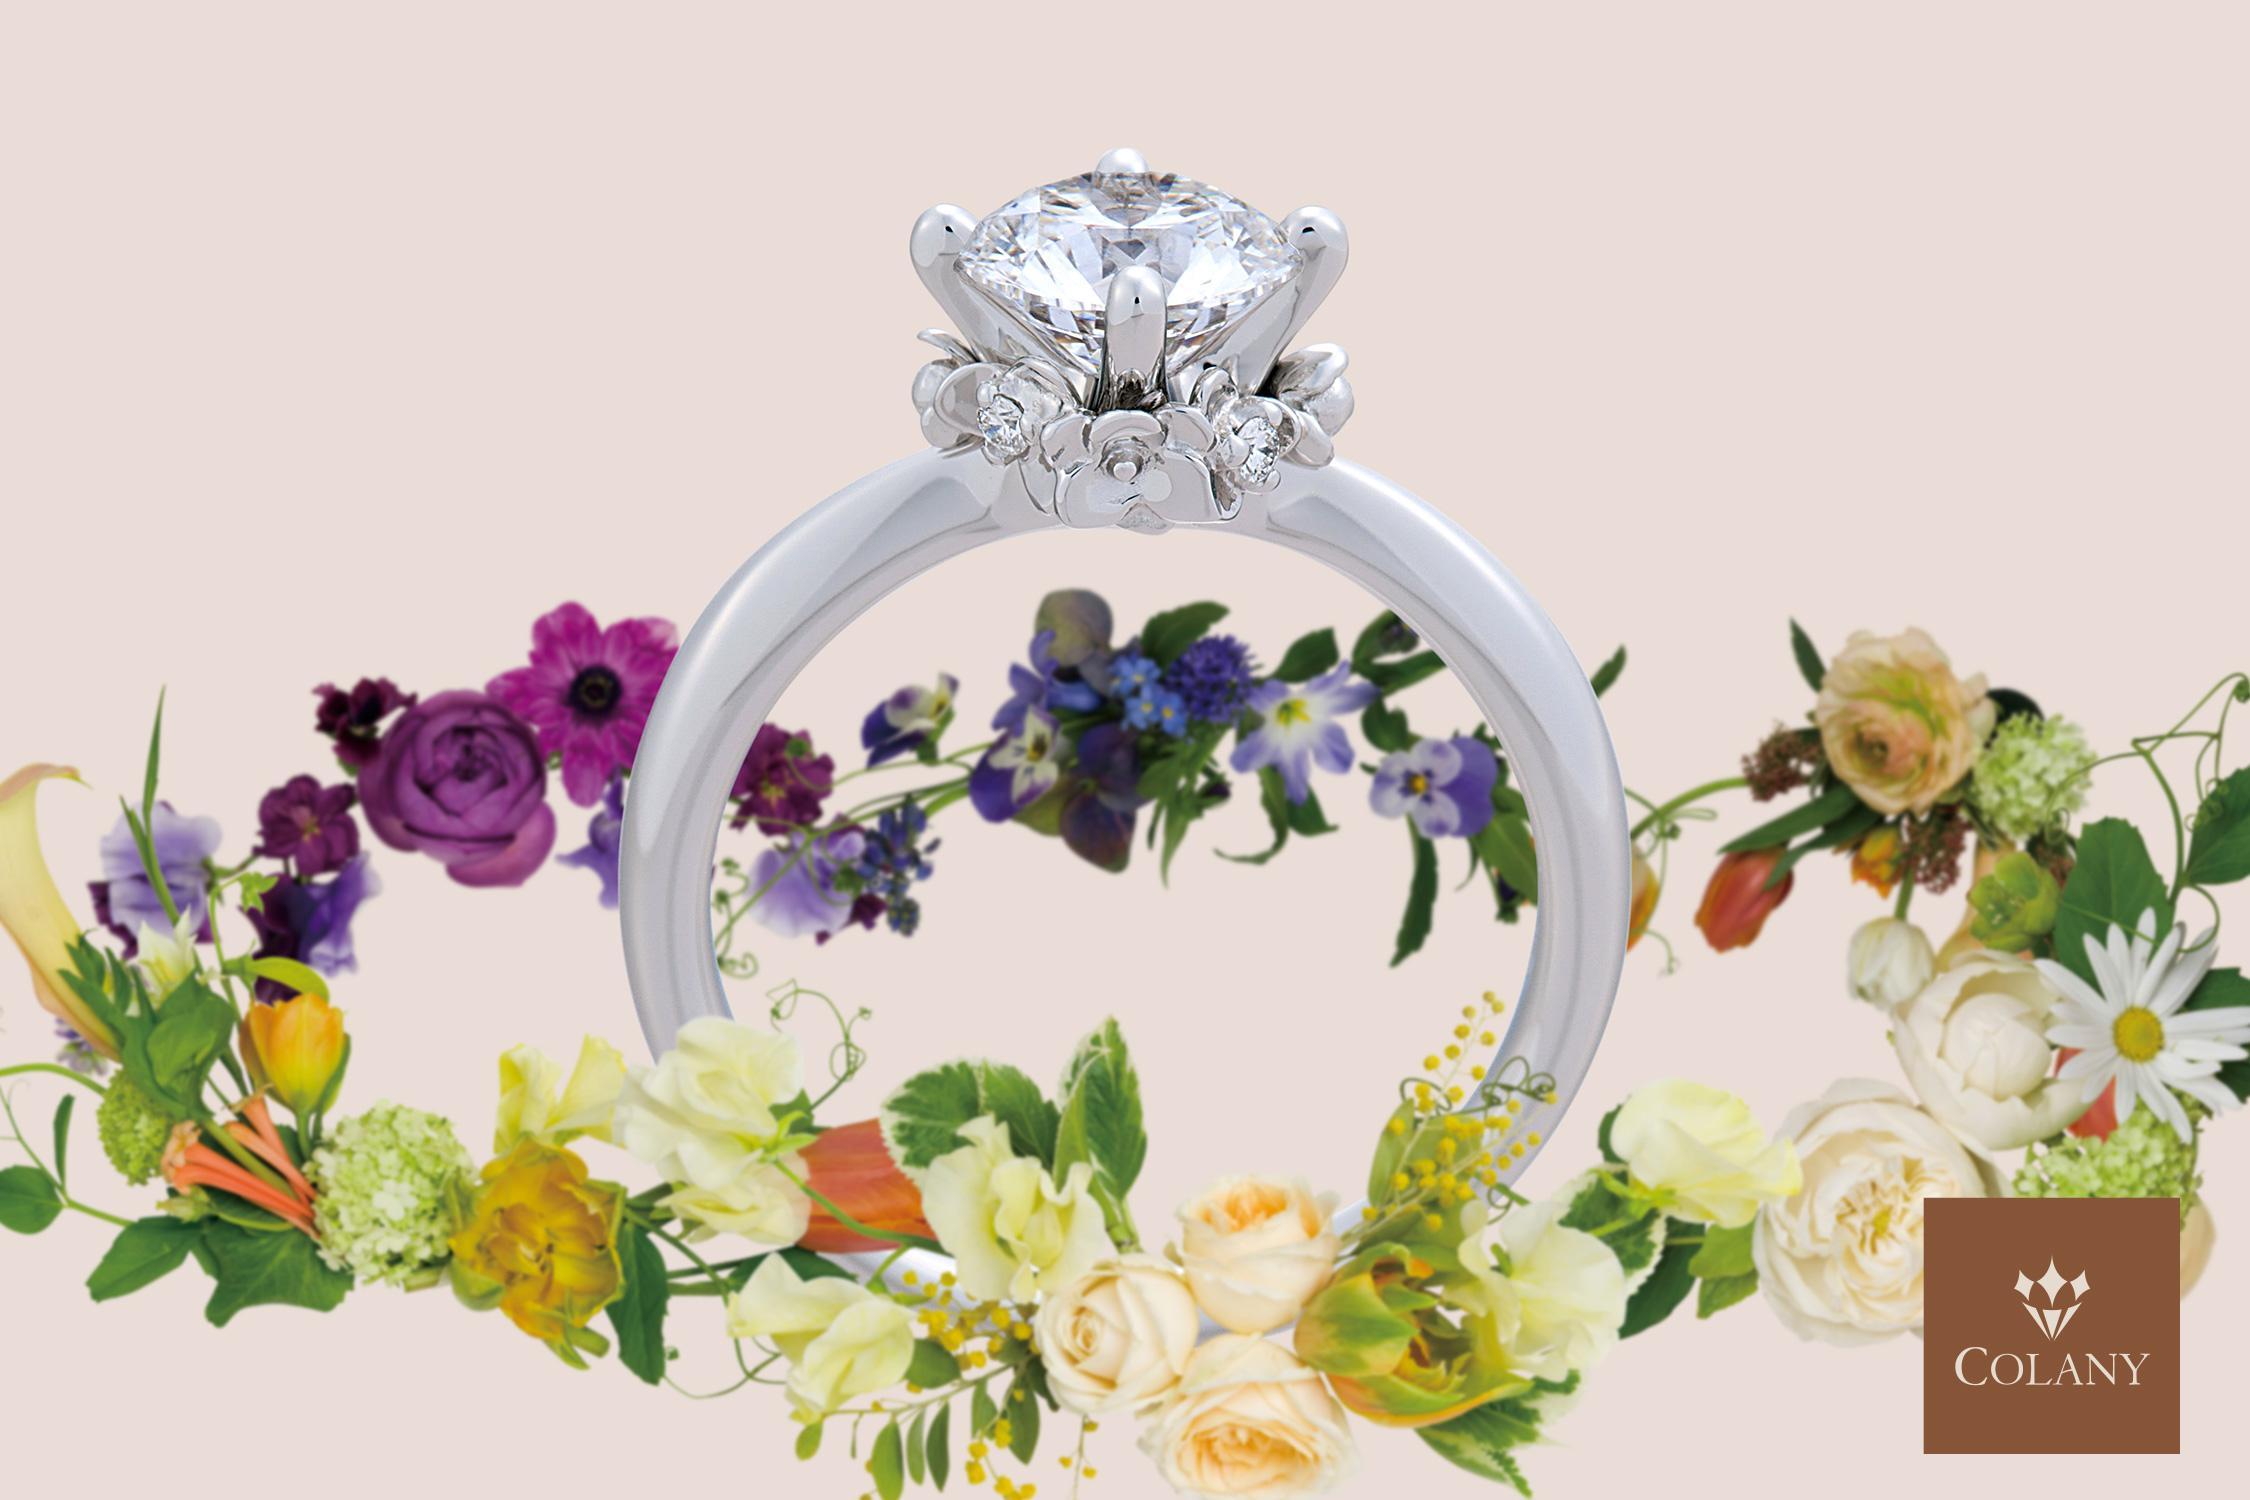 コラニー with flowers|マリッジリング(結婚指輪)・ エンゲージリング(婚約指輪)